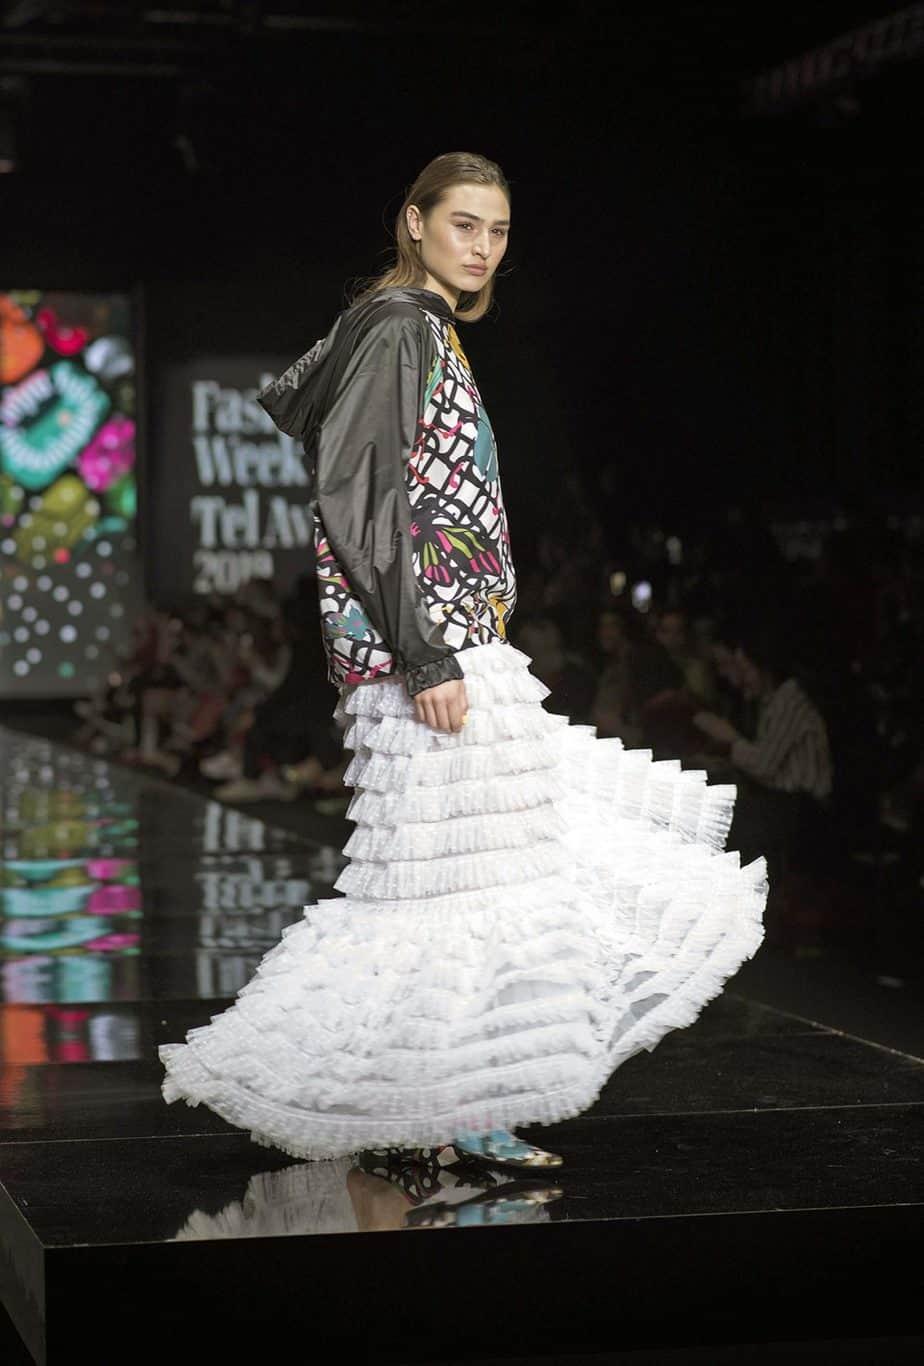 לארה רוסנובסקי, שבוע האופנה תל אביב 2019, צילום סרג'ו סטרודובצב - 15